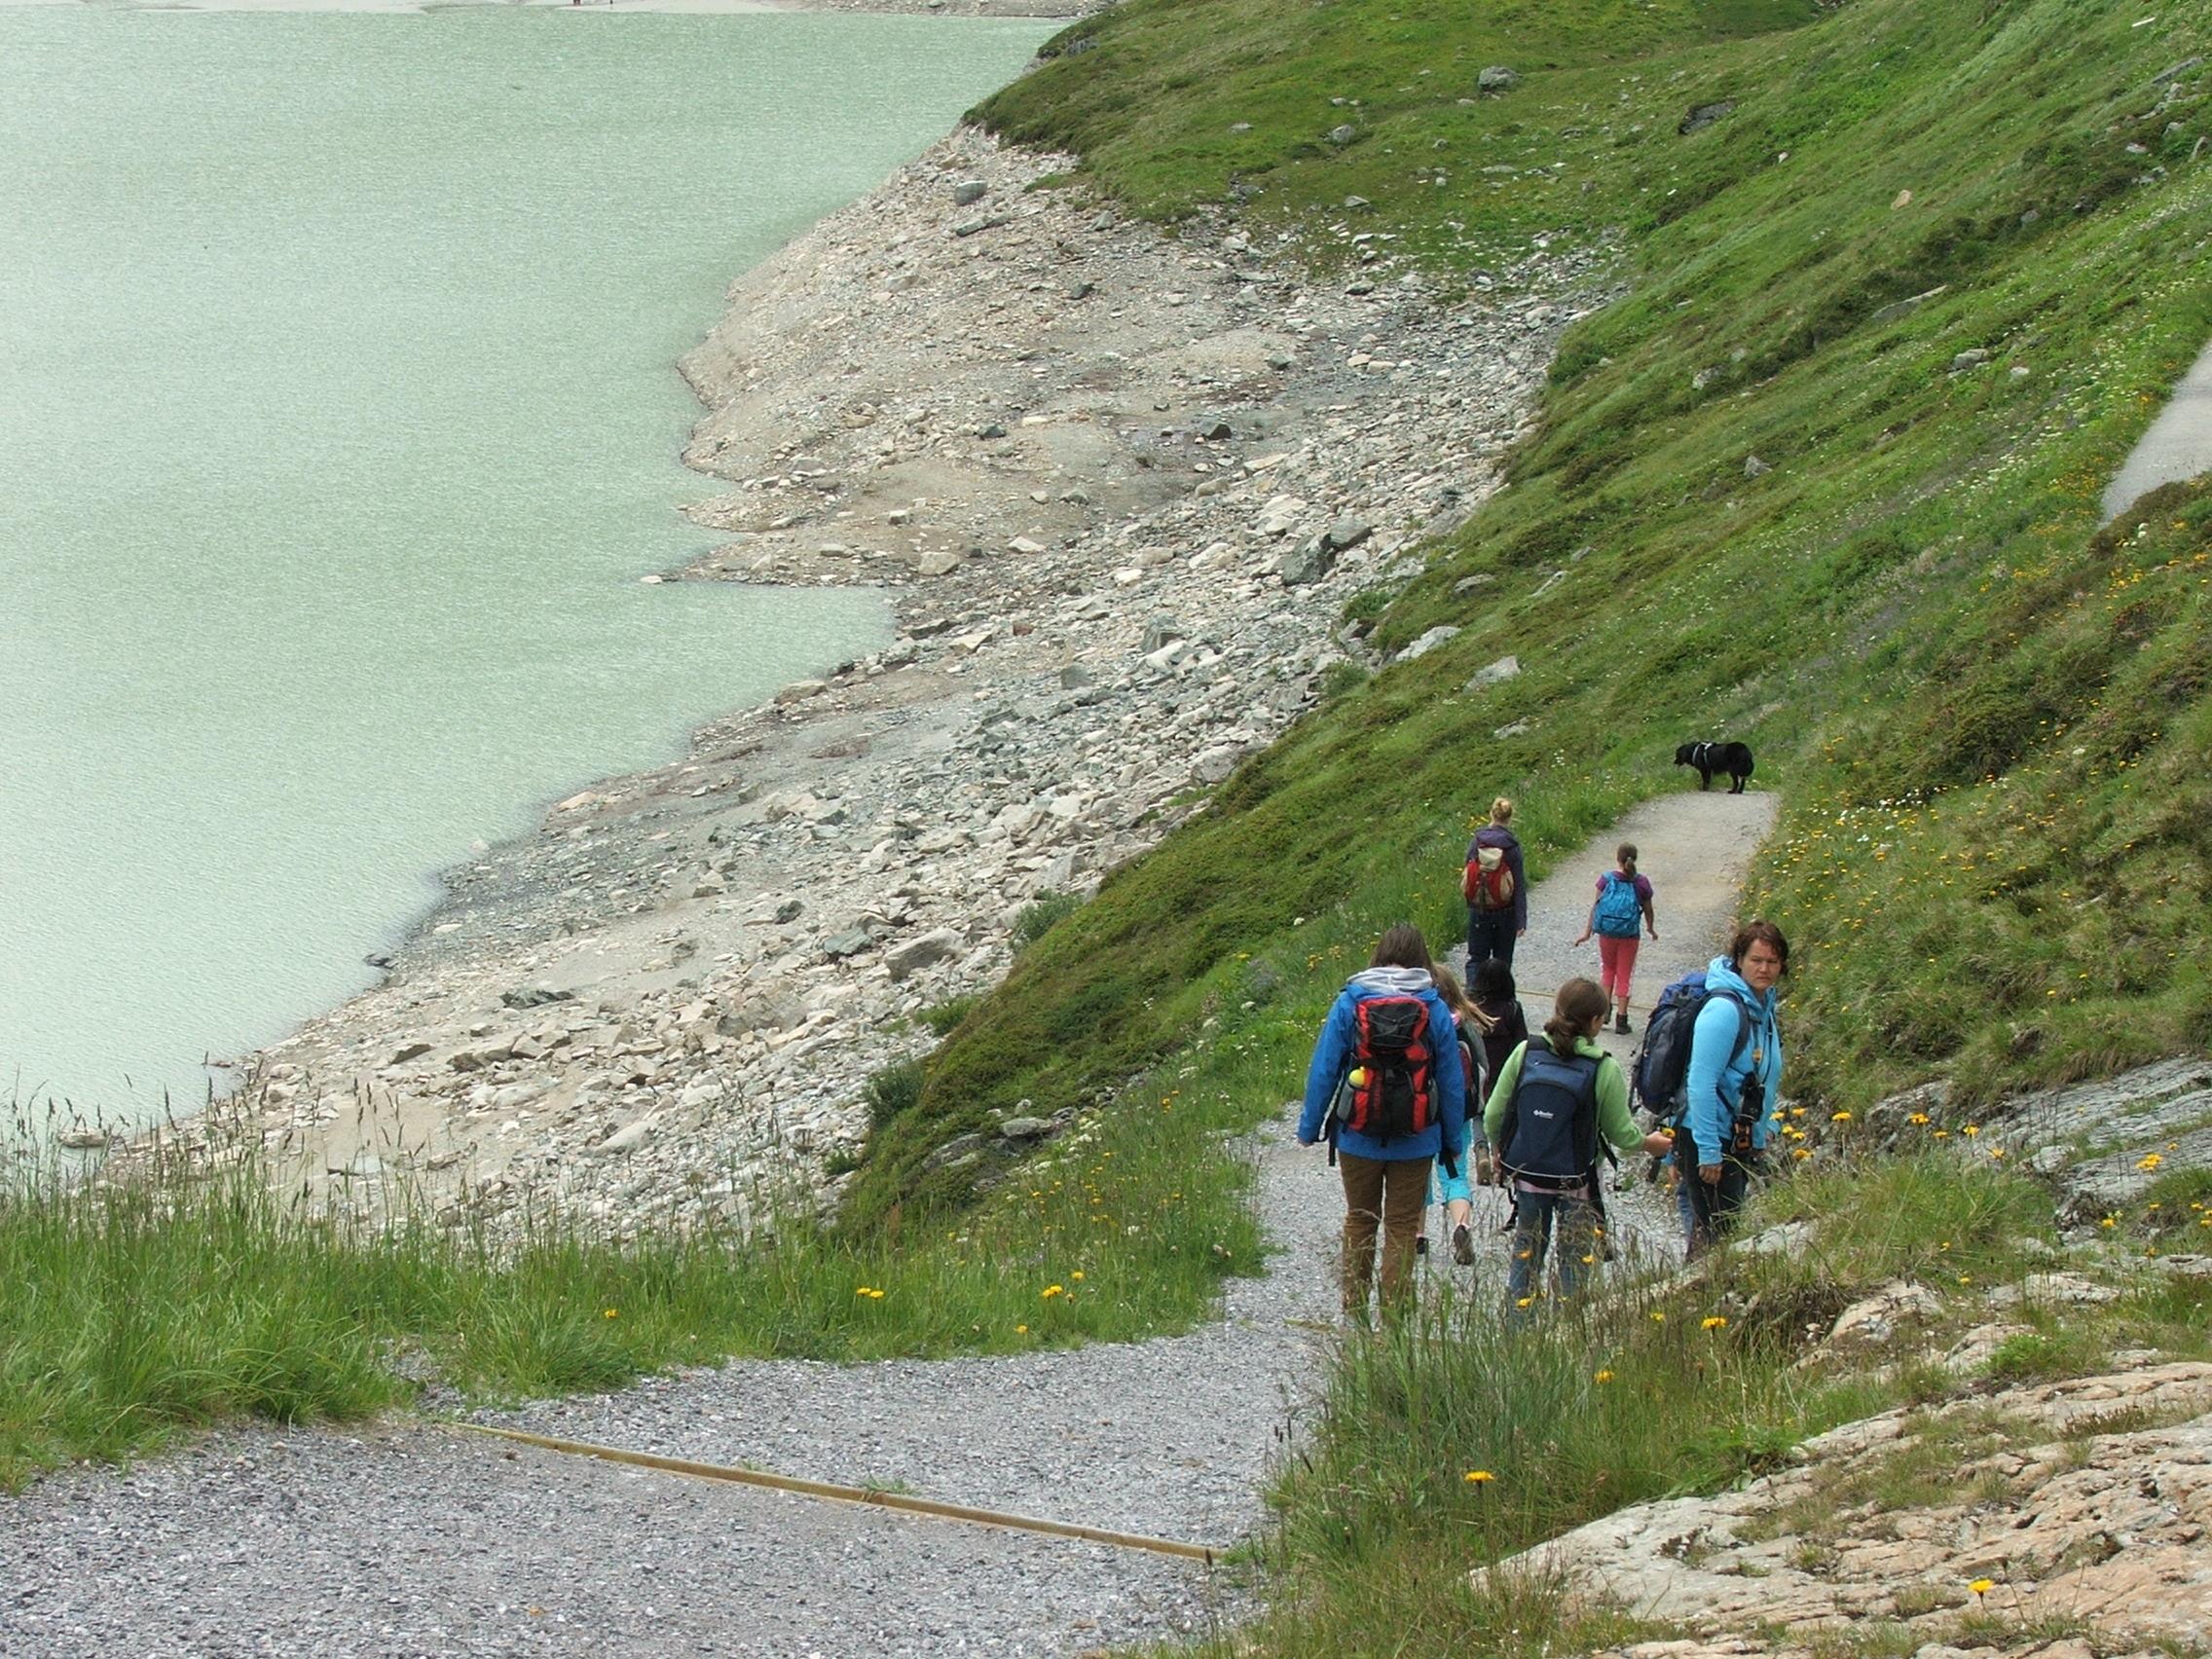 Kindergruppe entlang eines Bergsees